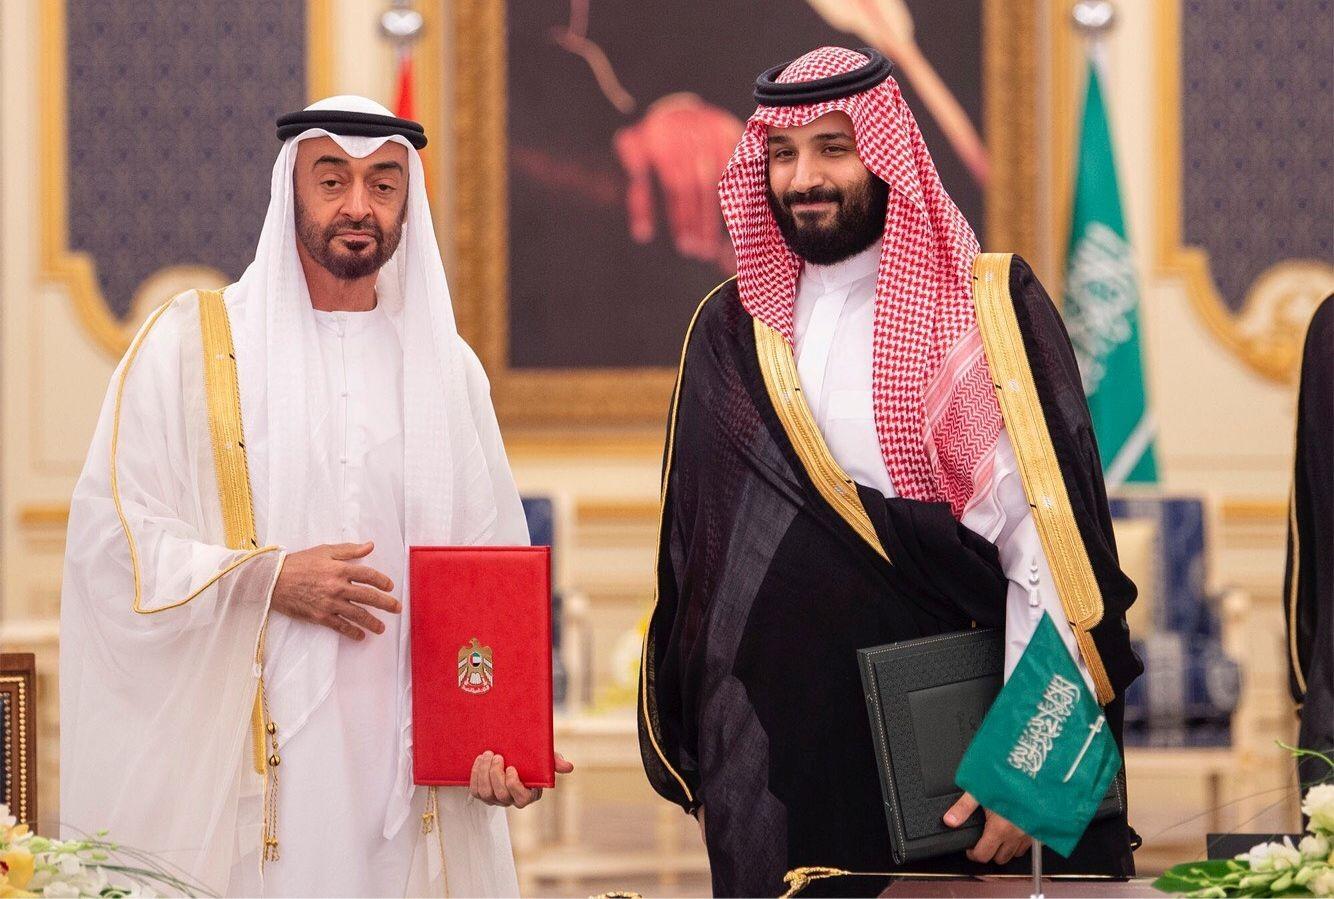 تحركات السعودية والإمارات لشراء ولاء المؤسسات الأكاديمية الغربية